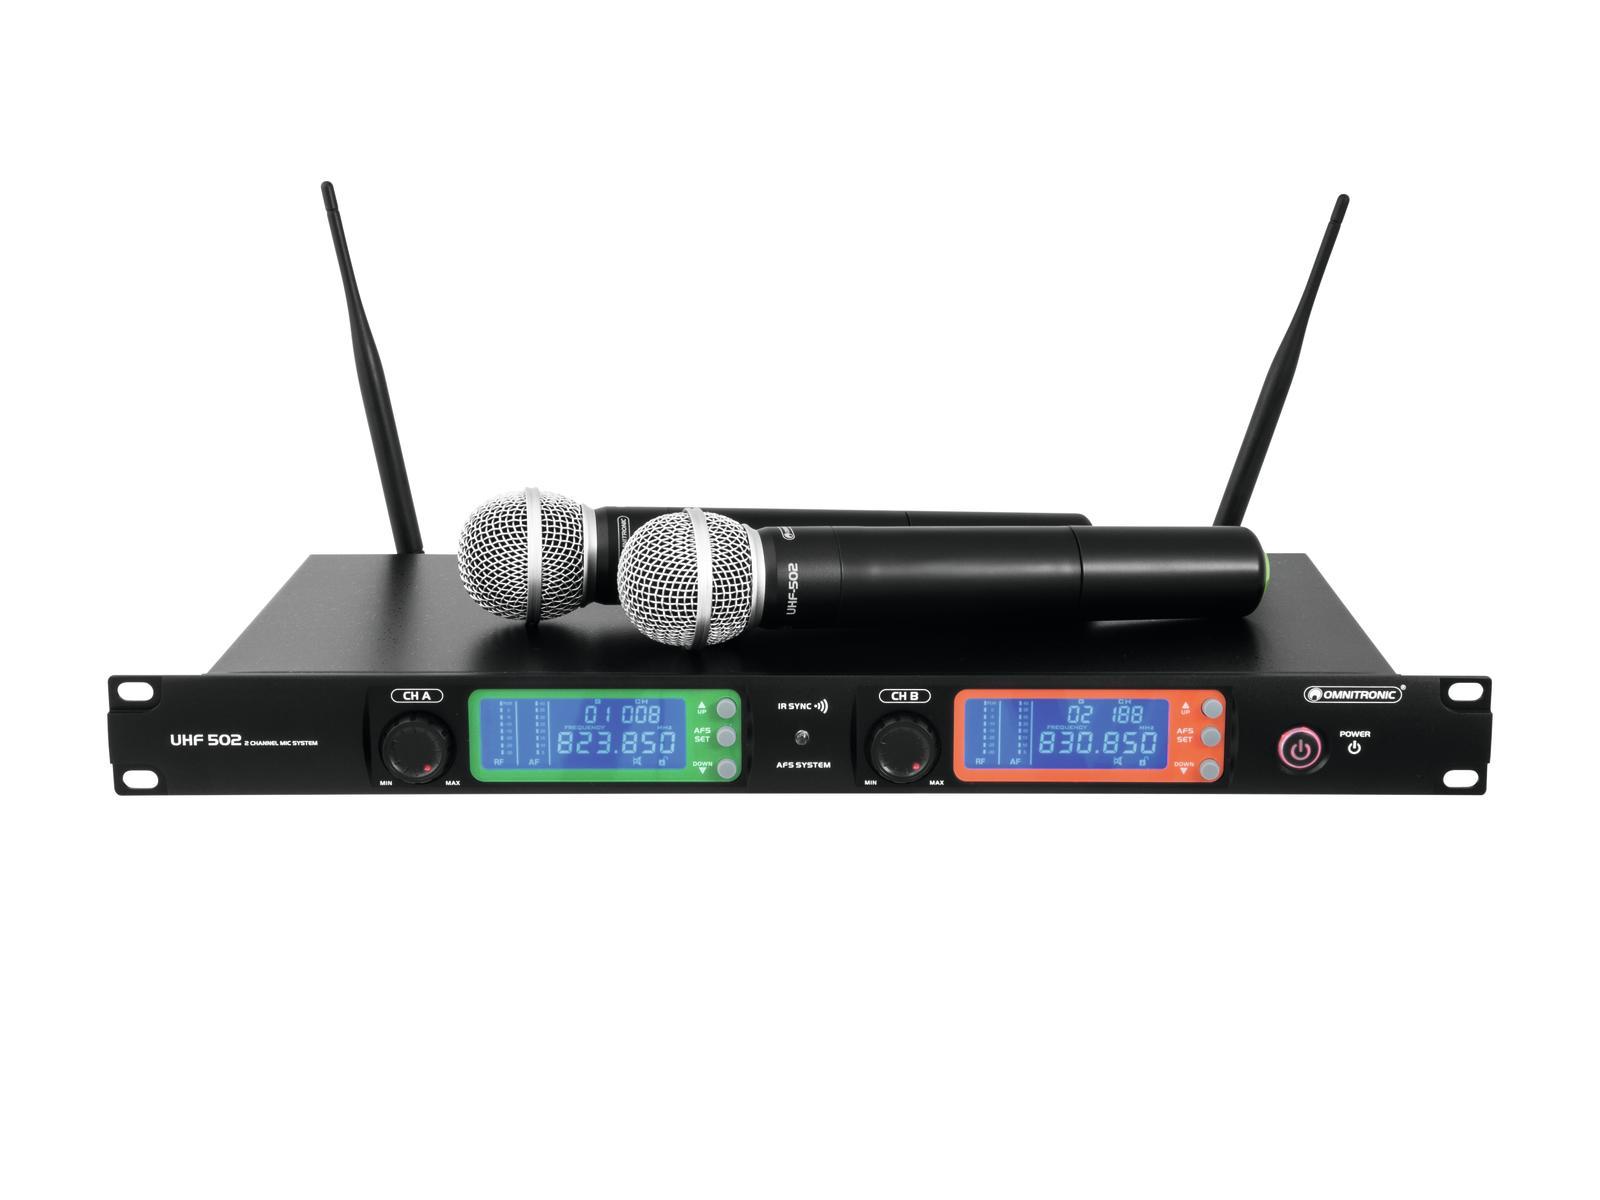 Omnitronic UHF-502 bezdrátový mikr. 2 kanálový, 823-832 MHz